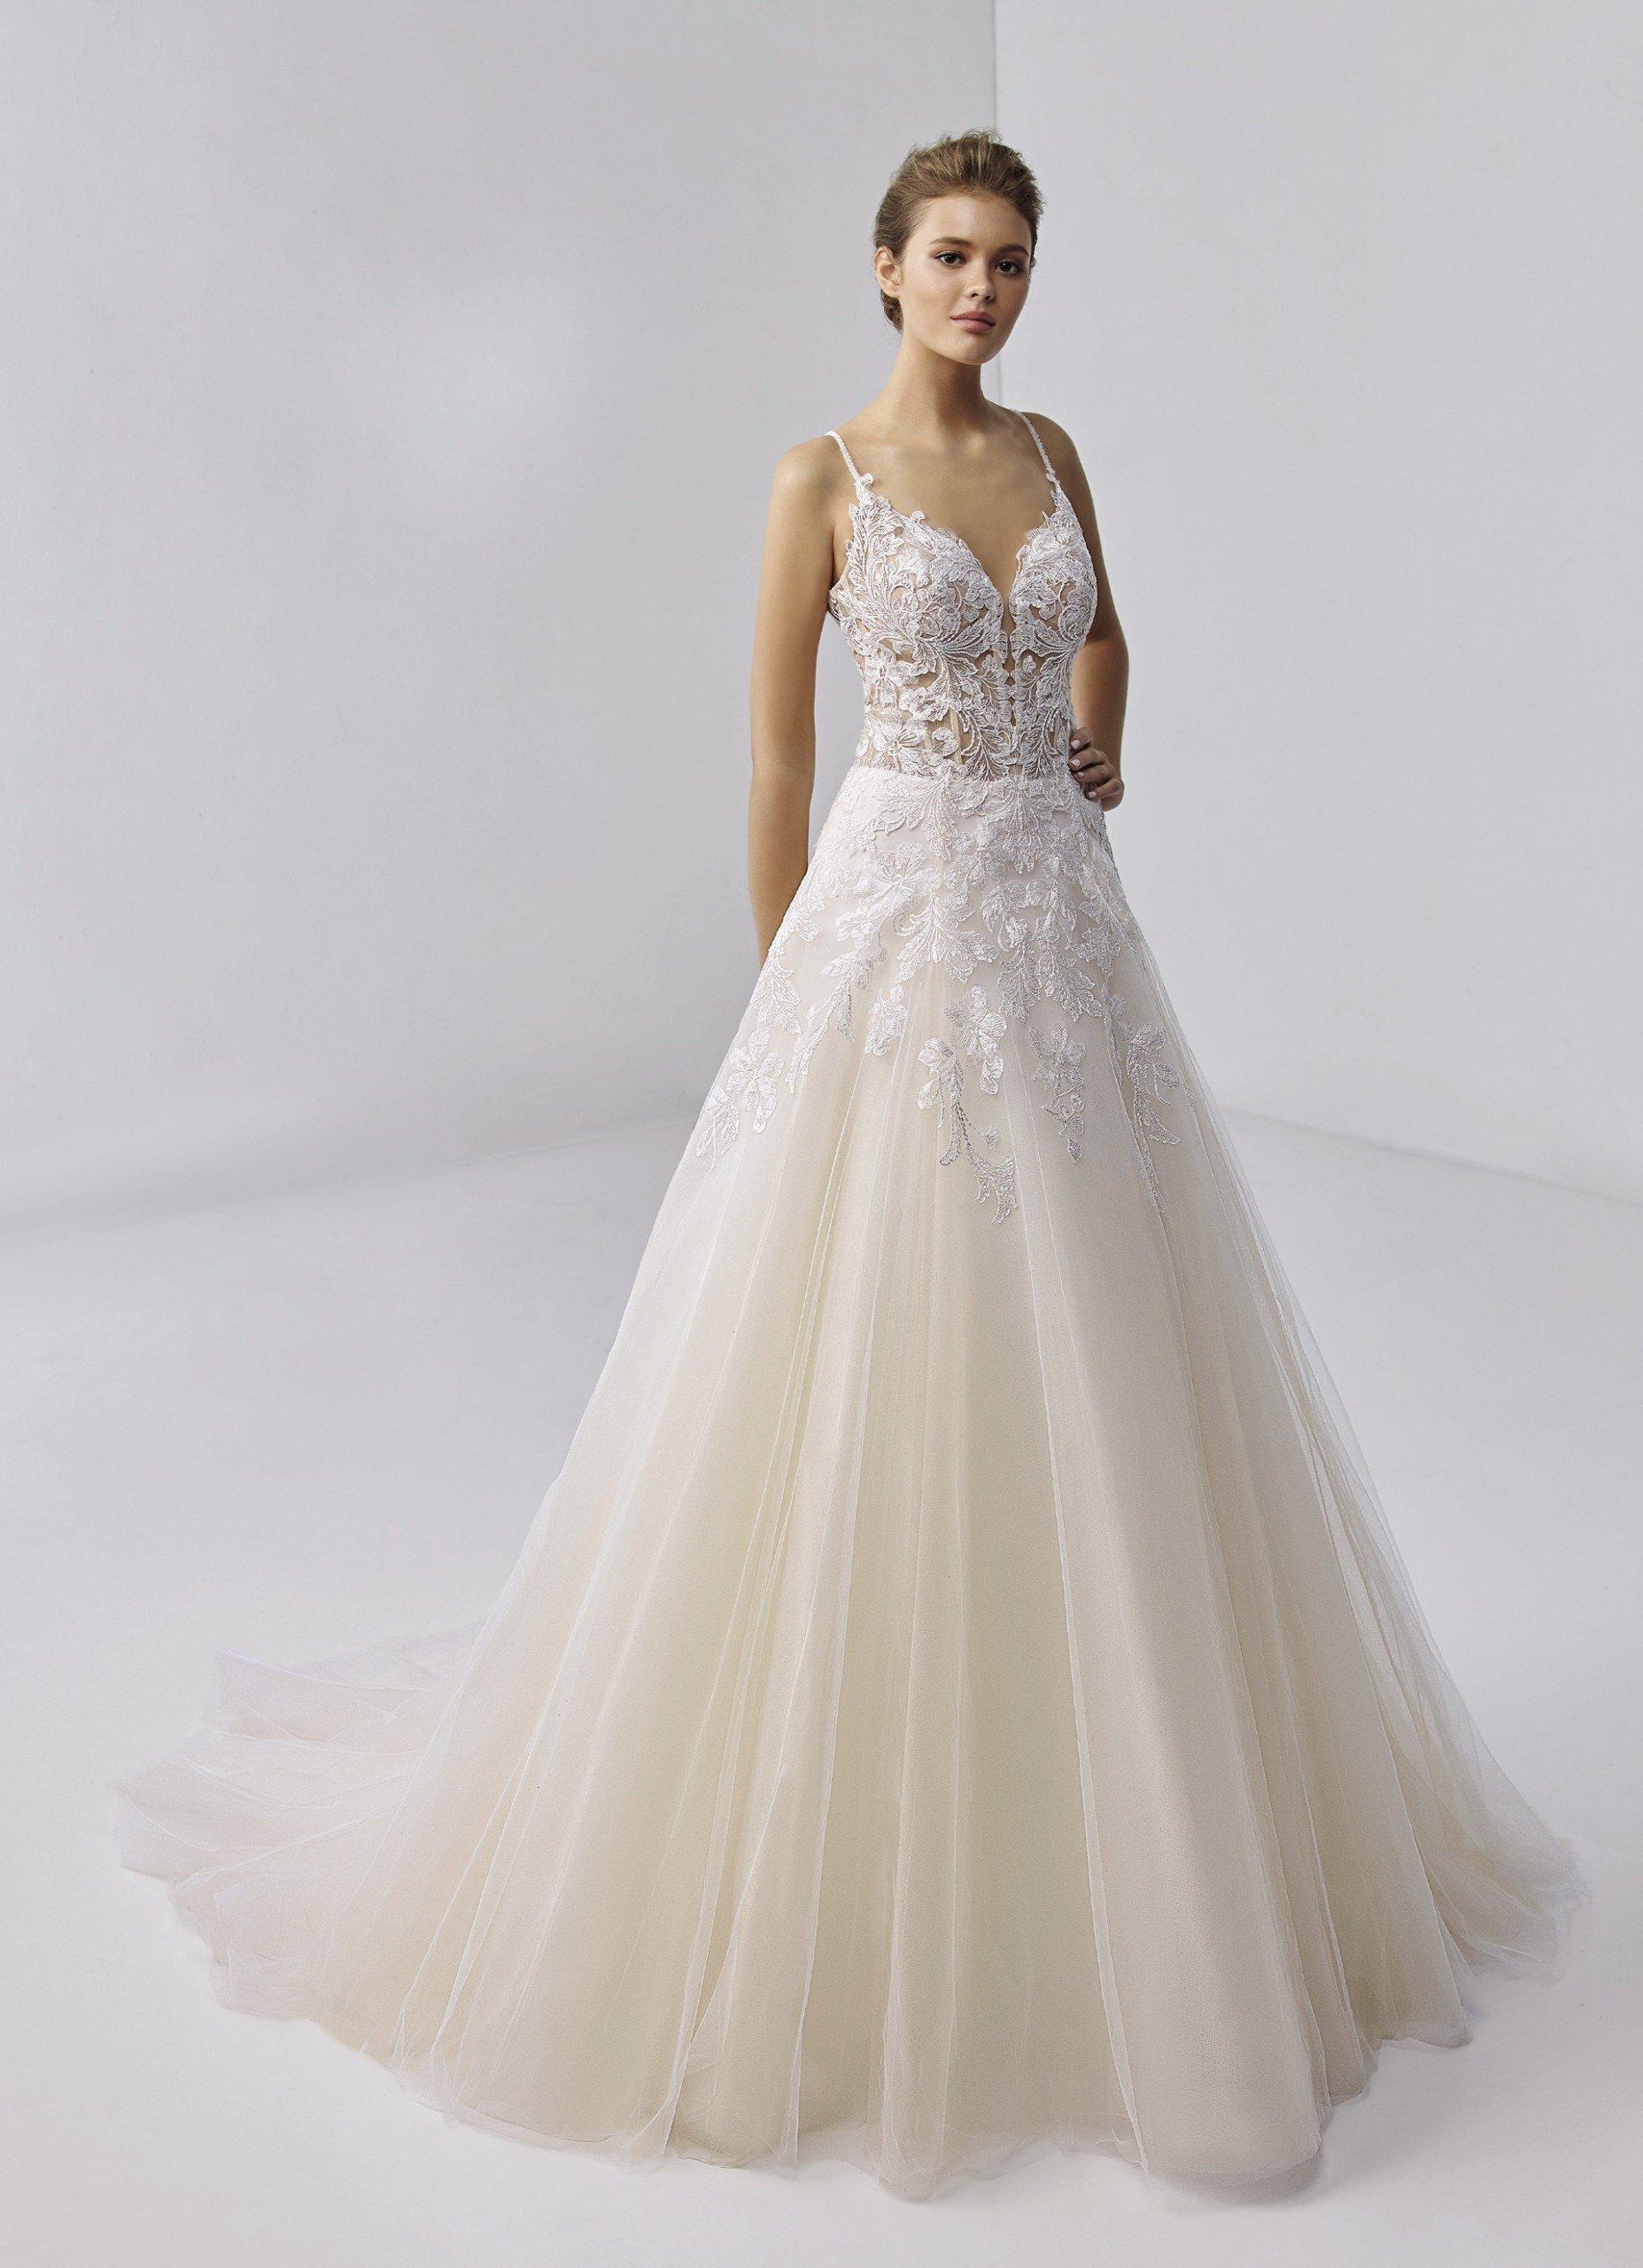 Brautkleid im Prinzess-Schnitt mit Tüllrock, transparentem Spitzentop und Spaghettiträgern von Etoile, Modell Etiennette